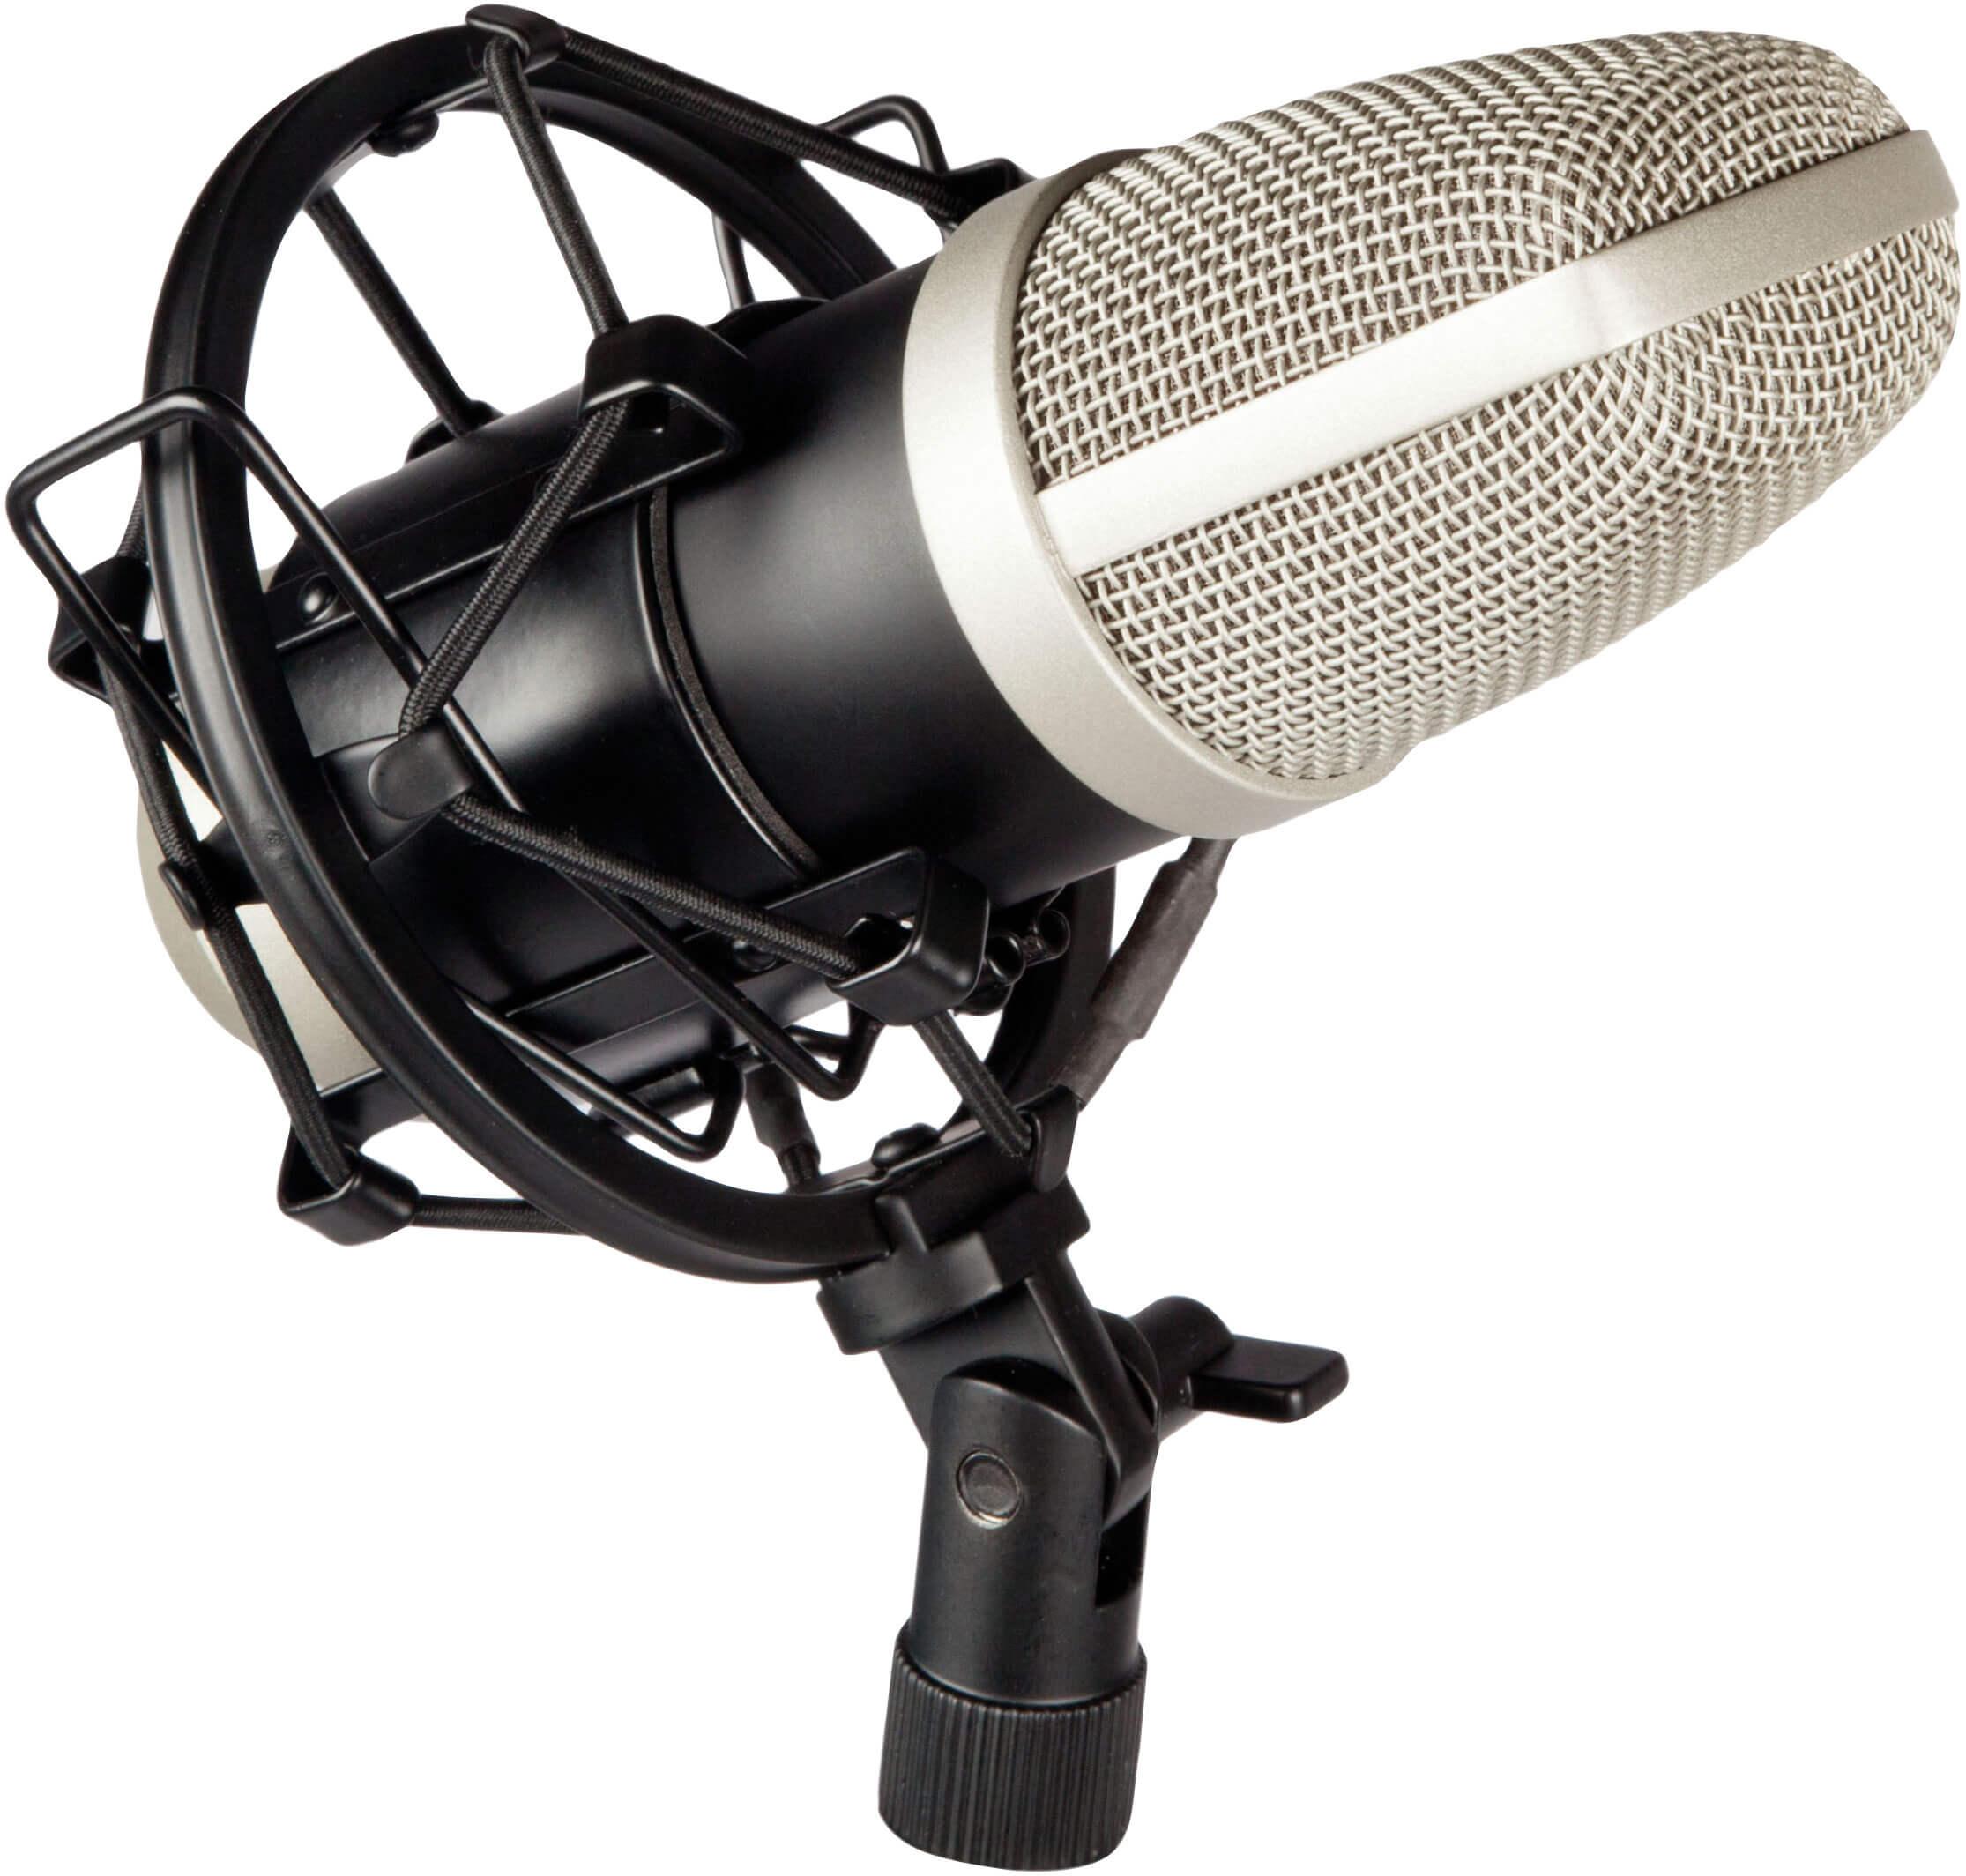 Micrófono Oqan Qmc20 Studio